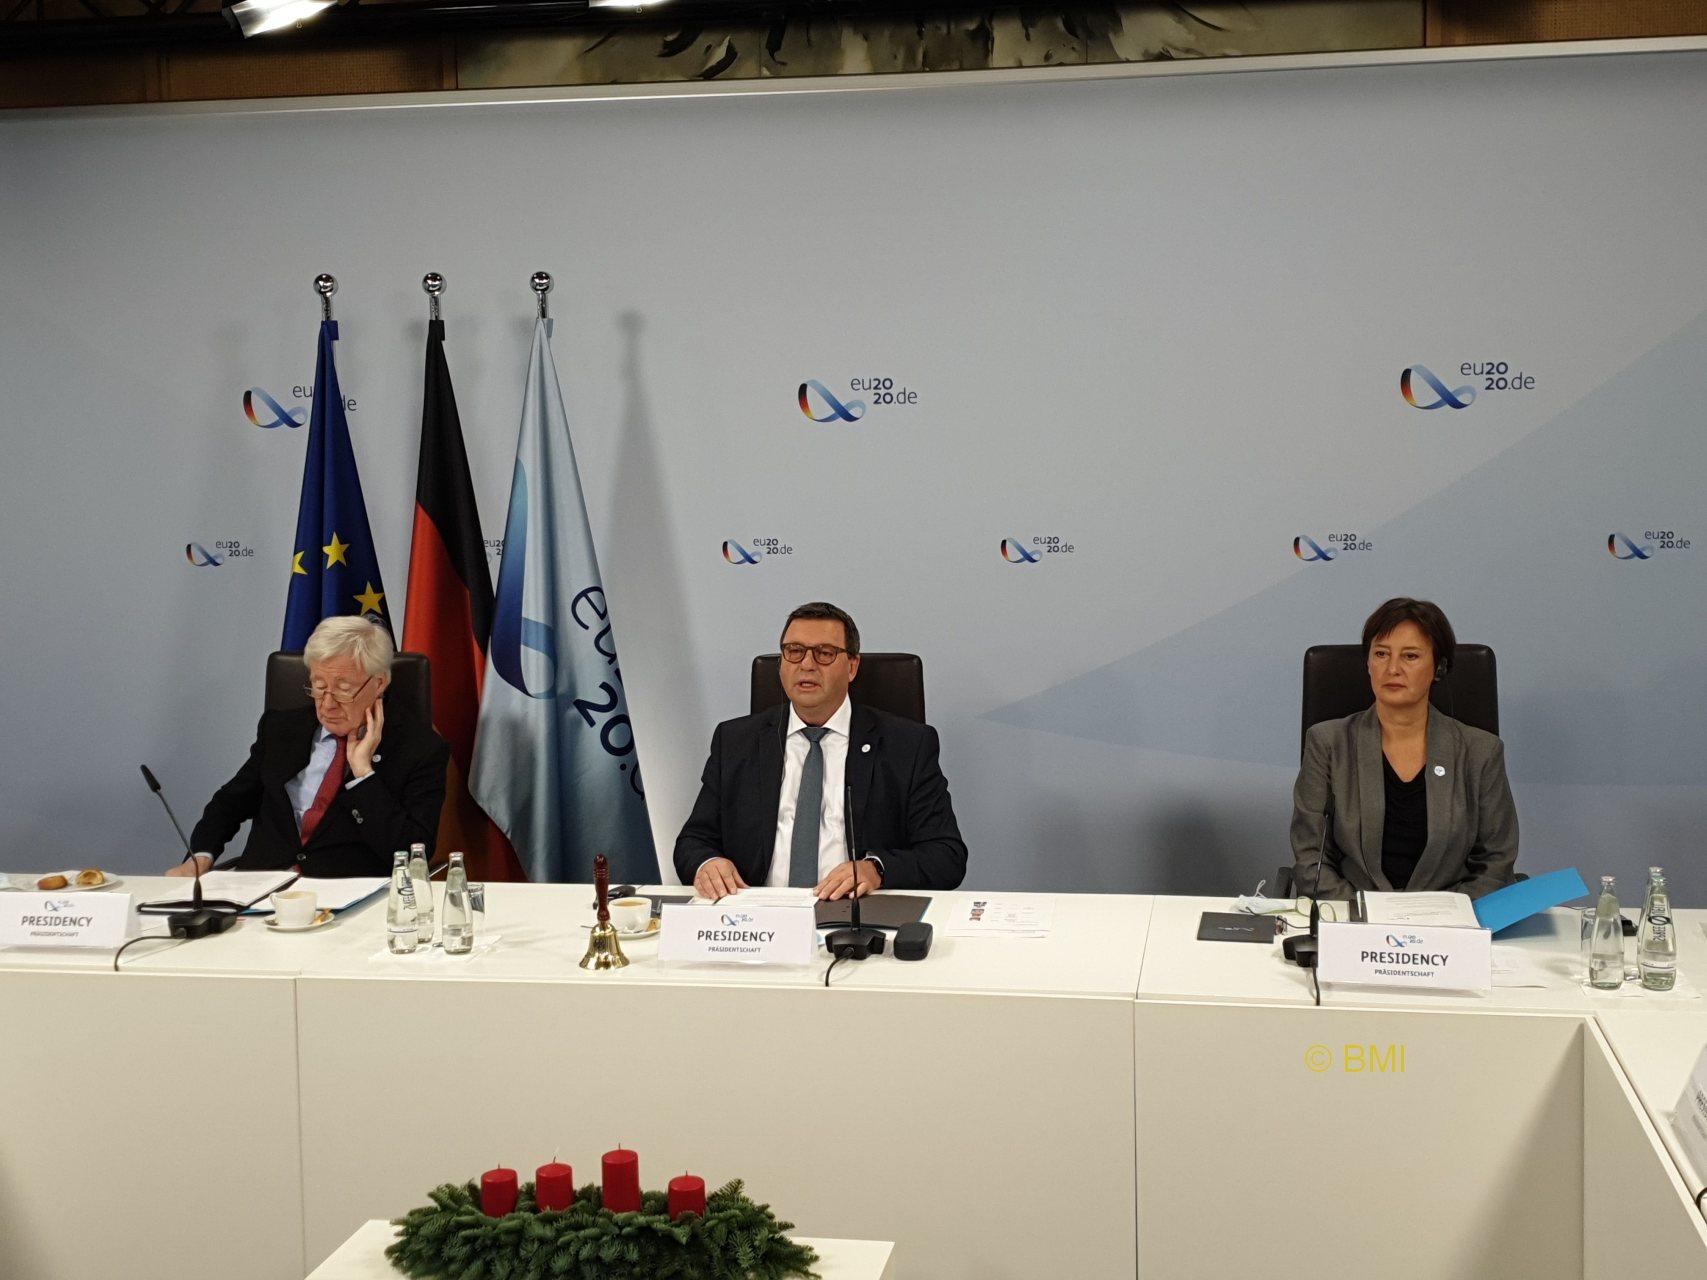 Parlamentarischer Staatssekretär Volkmar Vogel bringt die europäische Territoriale Agenda 2030 zum Abschluss